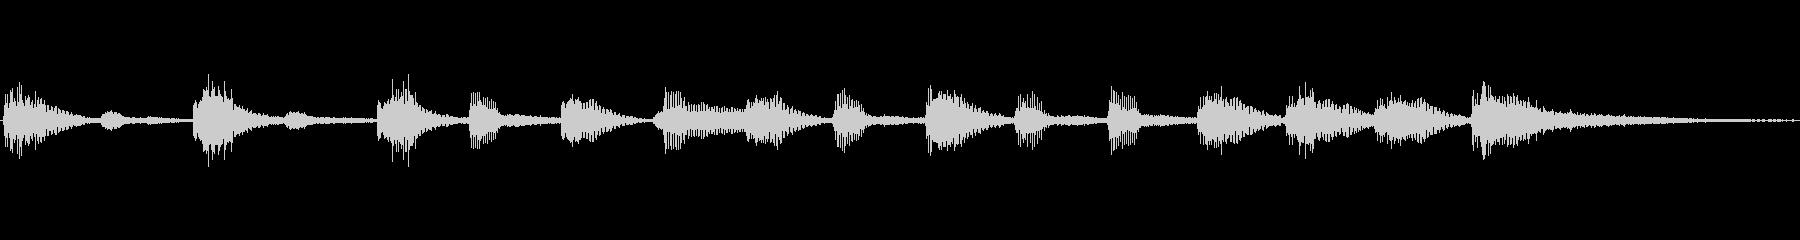 シンセ系の跳ねる感じのジングルの未再生の波形